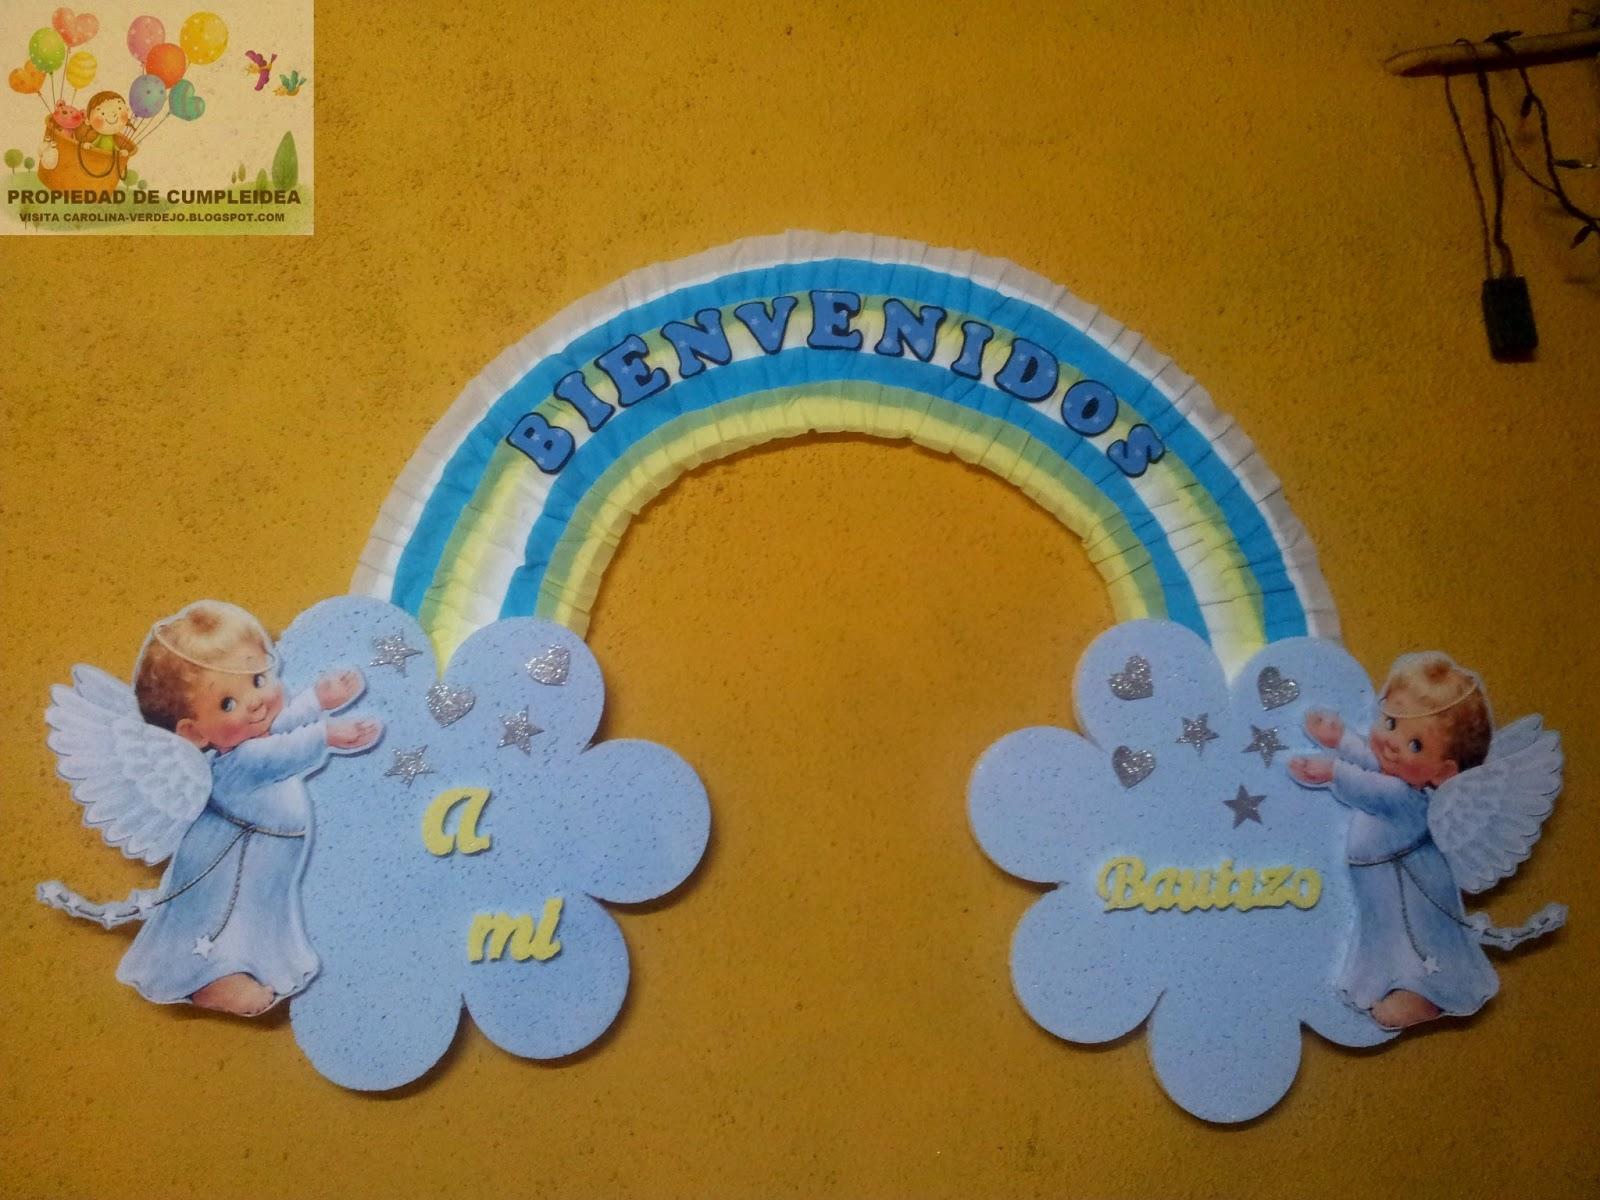 DECORACIONES INFANTILES: ARCOIRIS DE BIENVENIDA PARA BAUTIZO